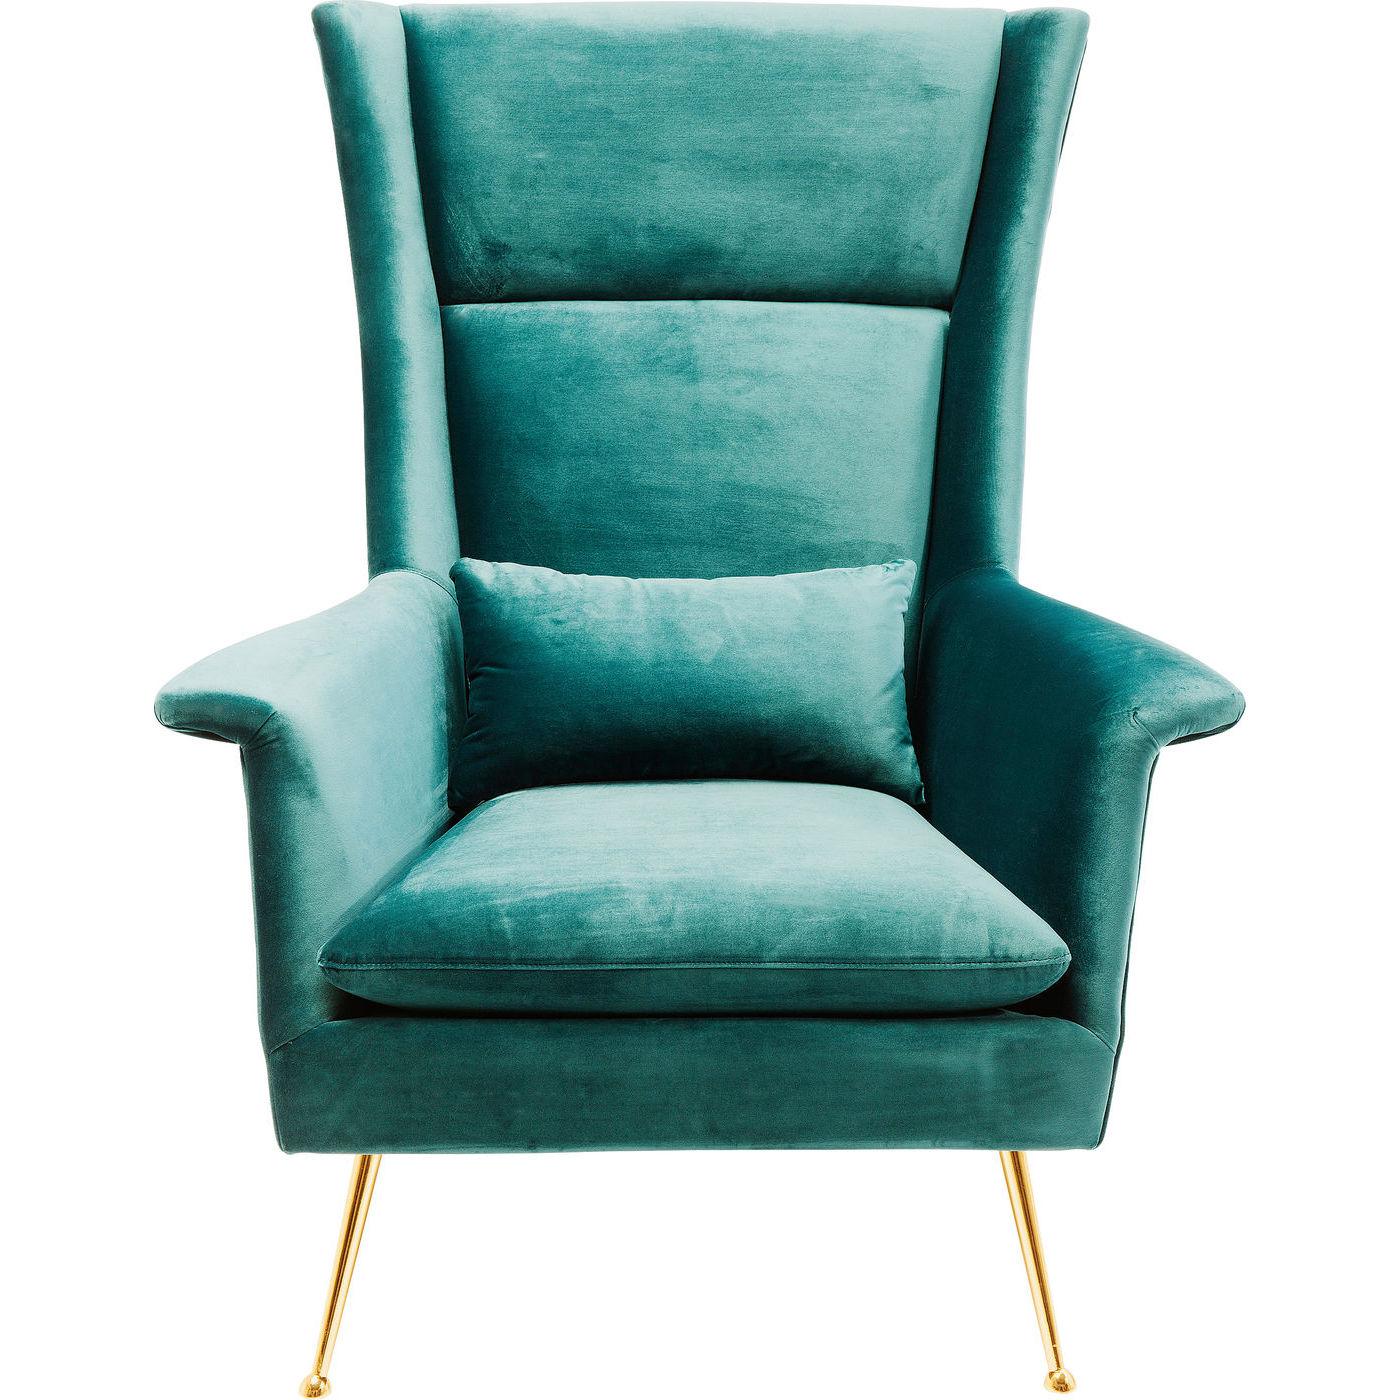 Kare design vegas forever bluegreen lænestol - blå/grønt stof og guld stål, m. armlæn fra kare design på boboonline.dk